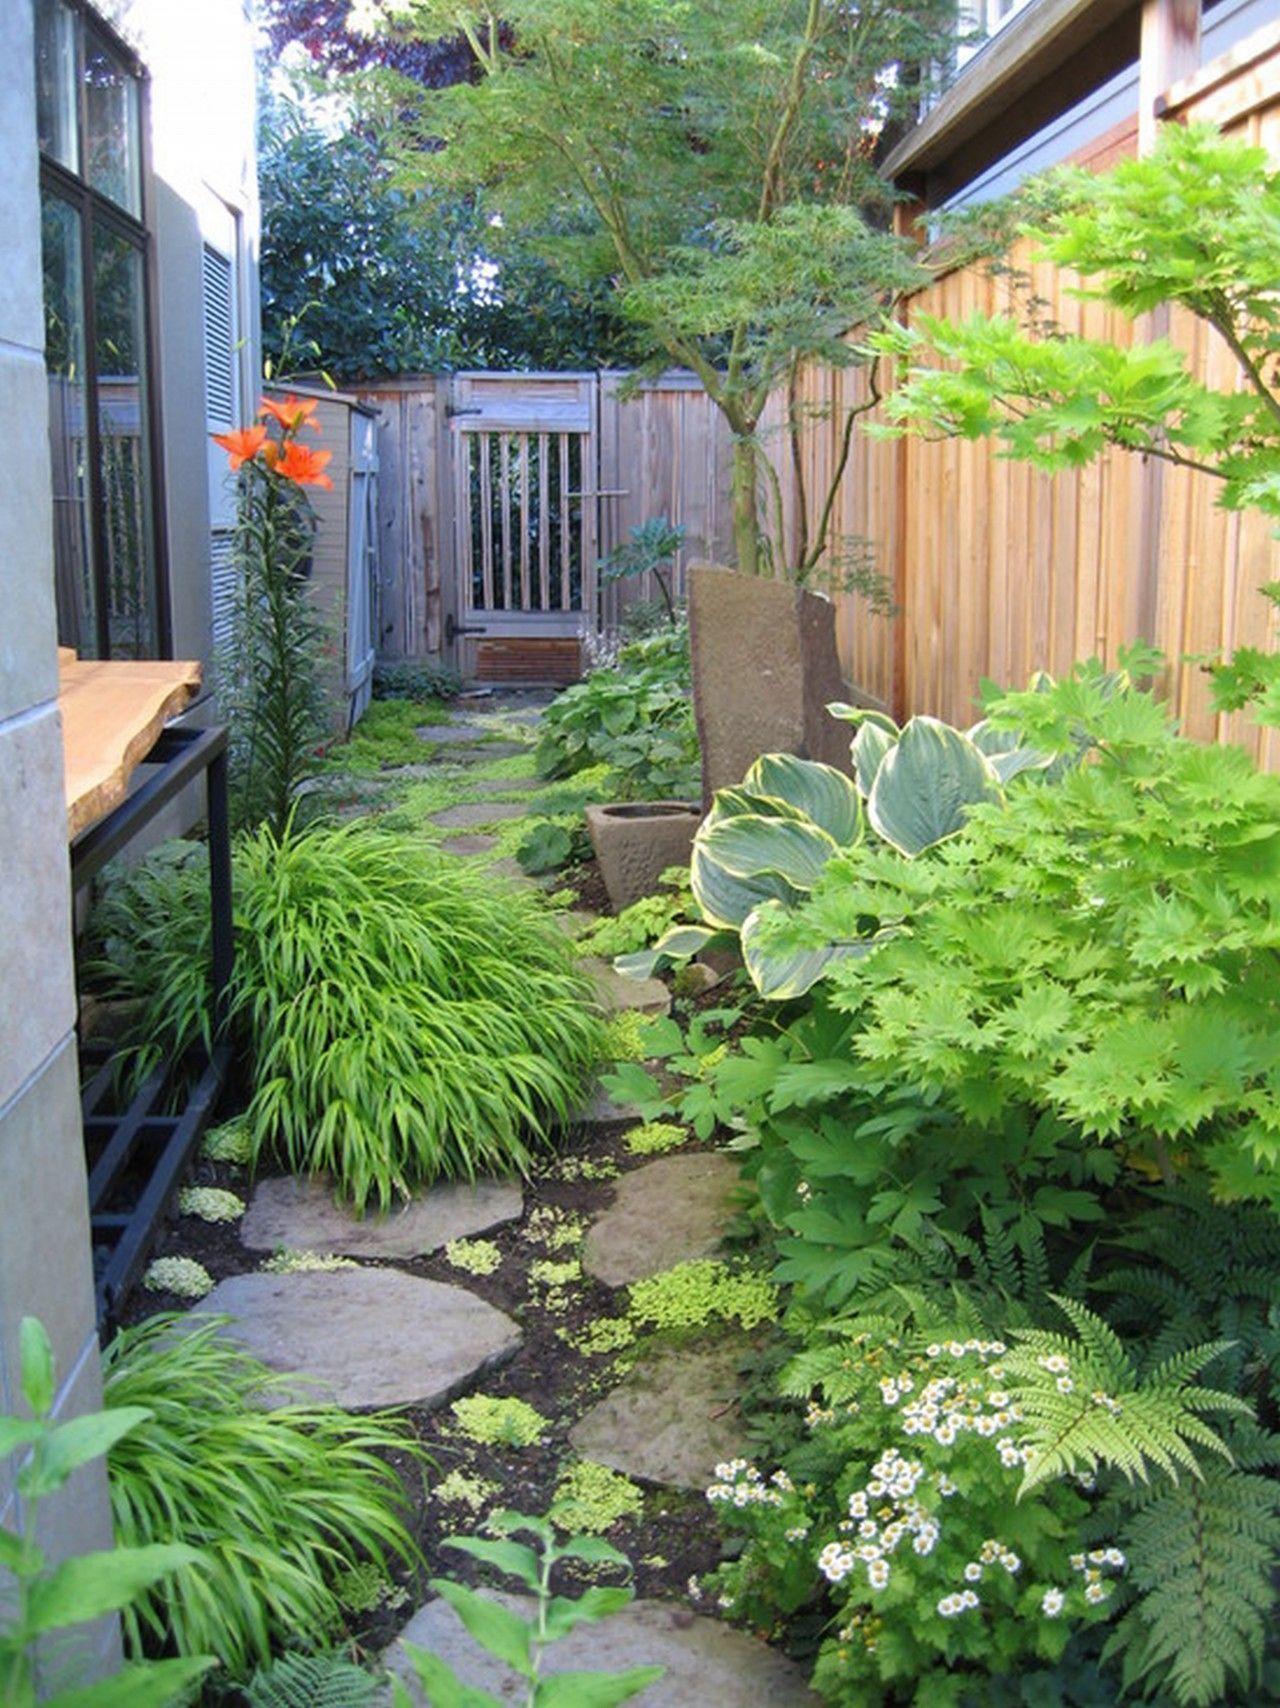 Best Minimalist Garden Design Ideas Minimalistgarden Gardendesign Gardenideas Side Yard Landscaping Small Backyard Landscaping Small Japanese Garden